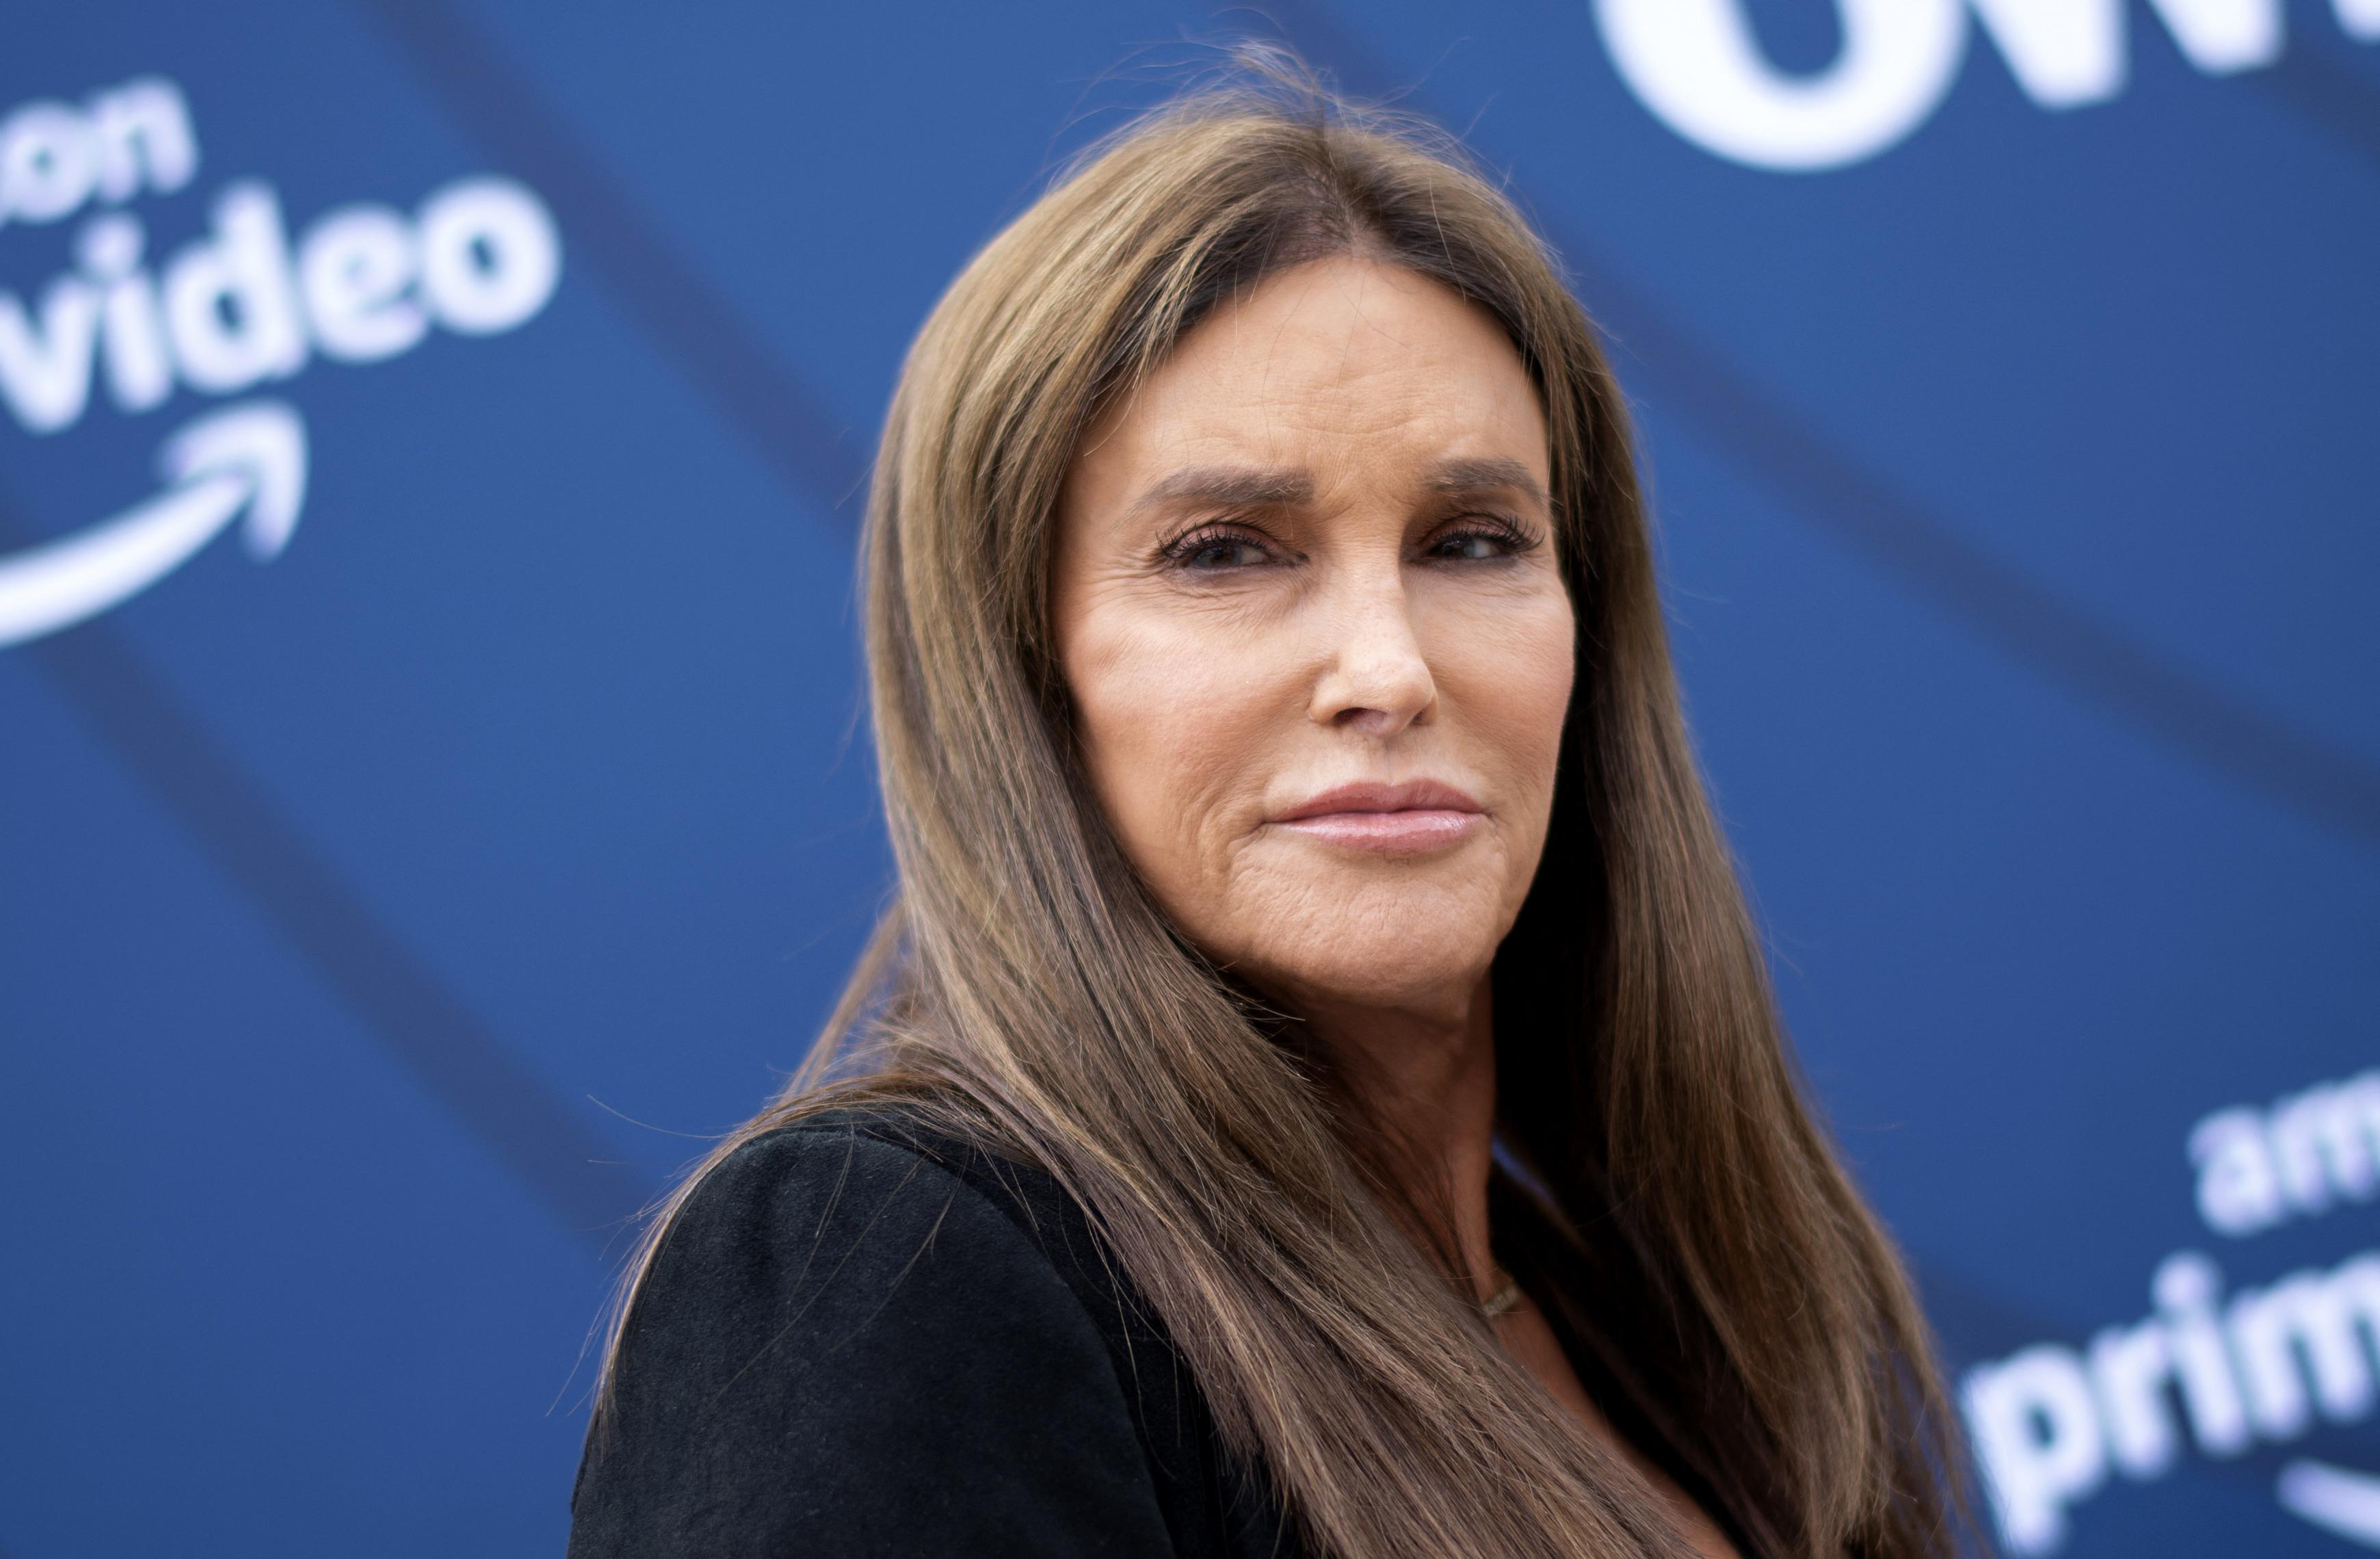 Caitlyn Jenner ellenzi, hogy transzok induljanak az iskolai sportversenyek női számaiban